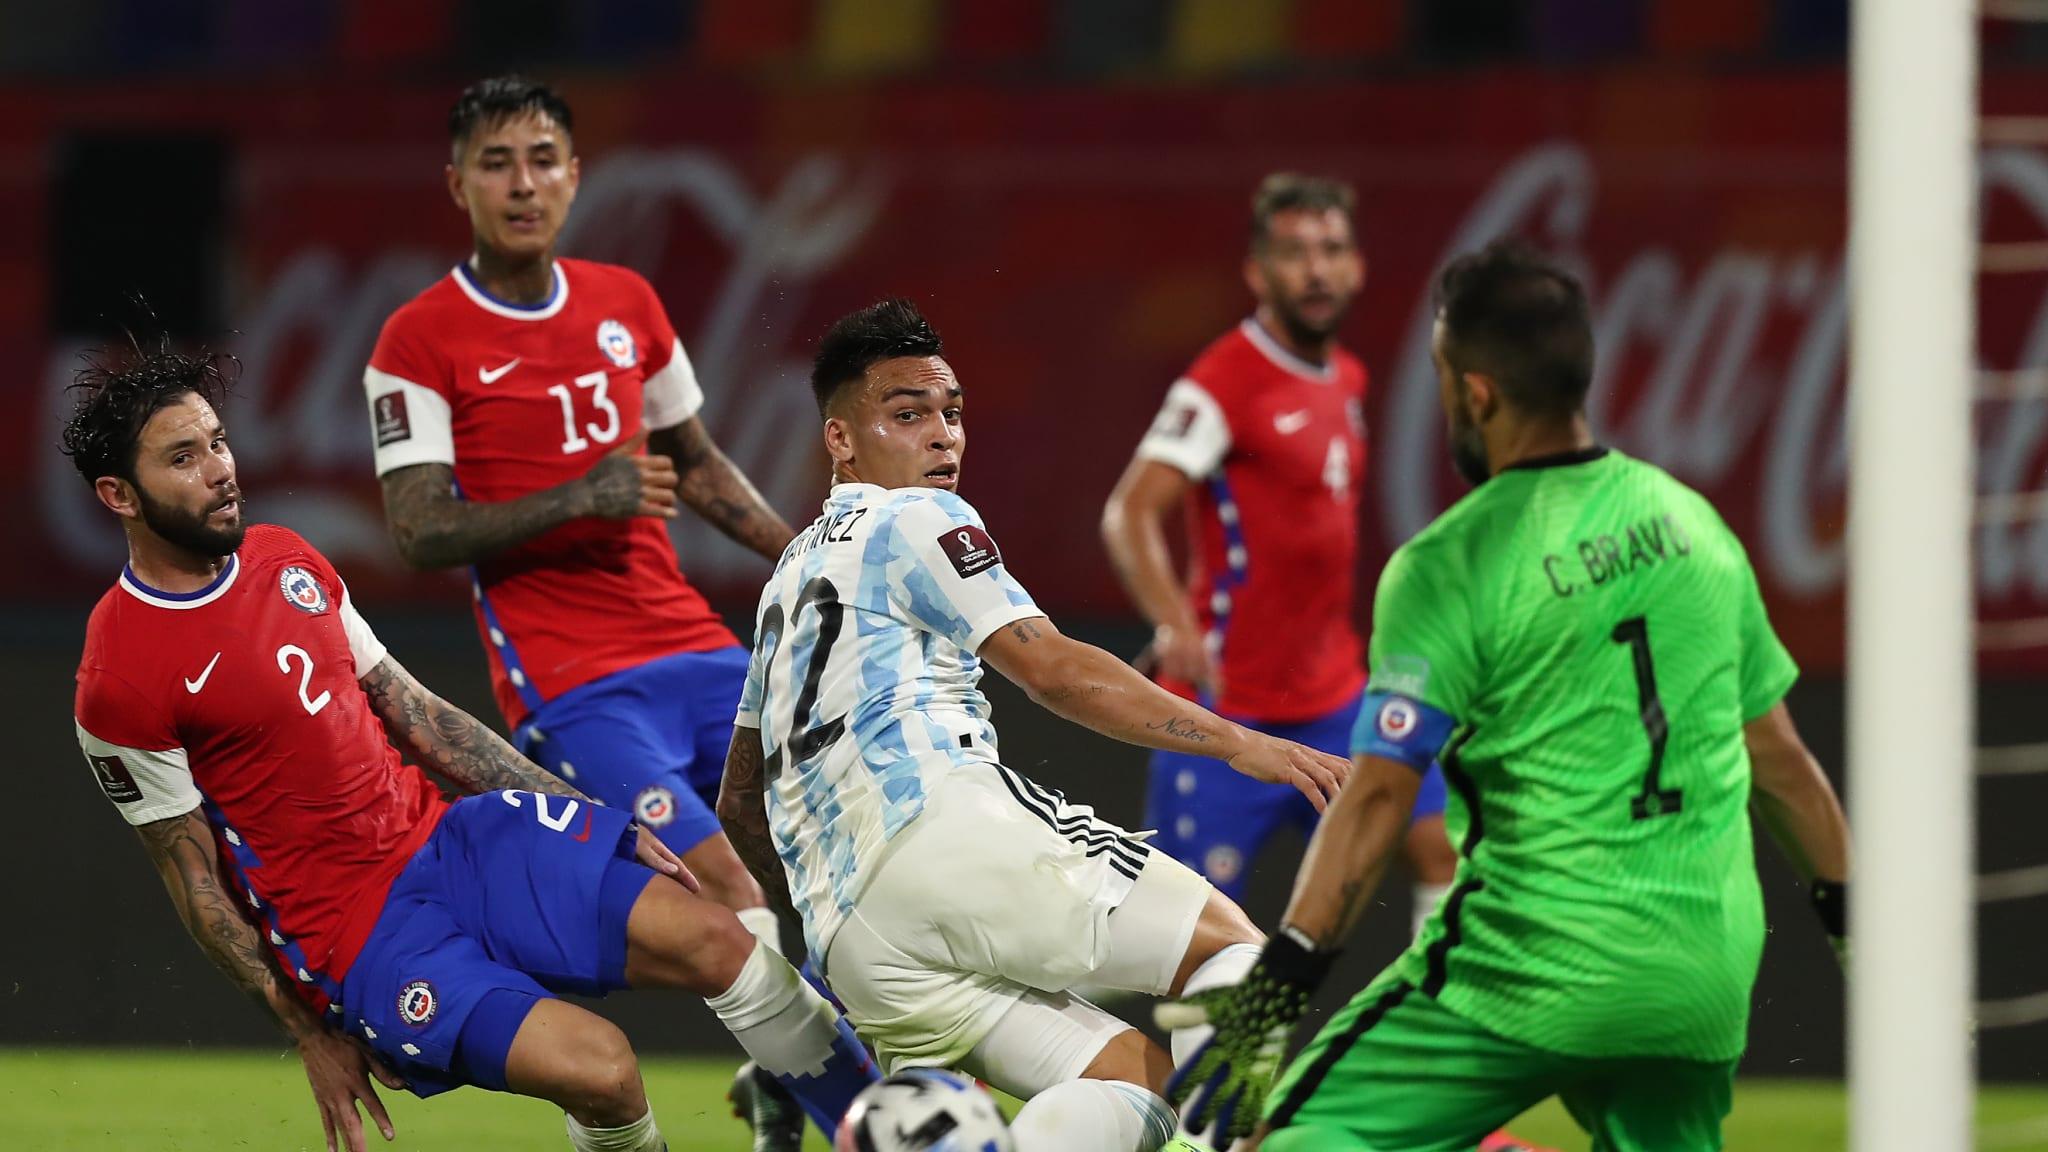 تصفيات مونديال 2022: البرازيل للاستمرارية والأرجنتين للتعويض